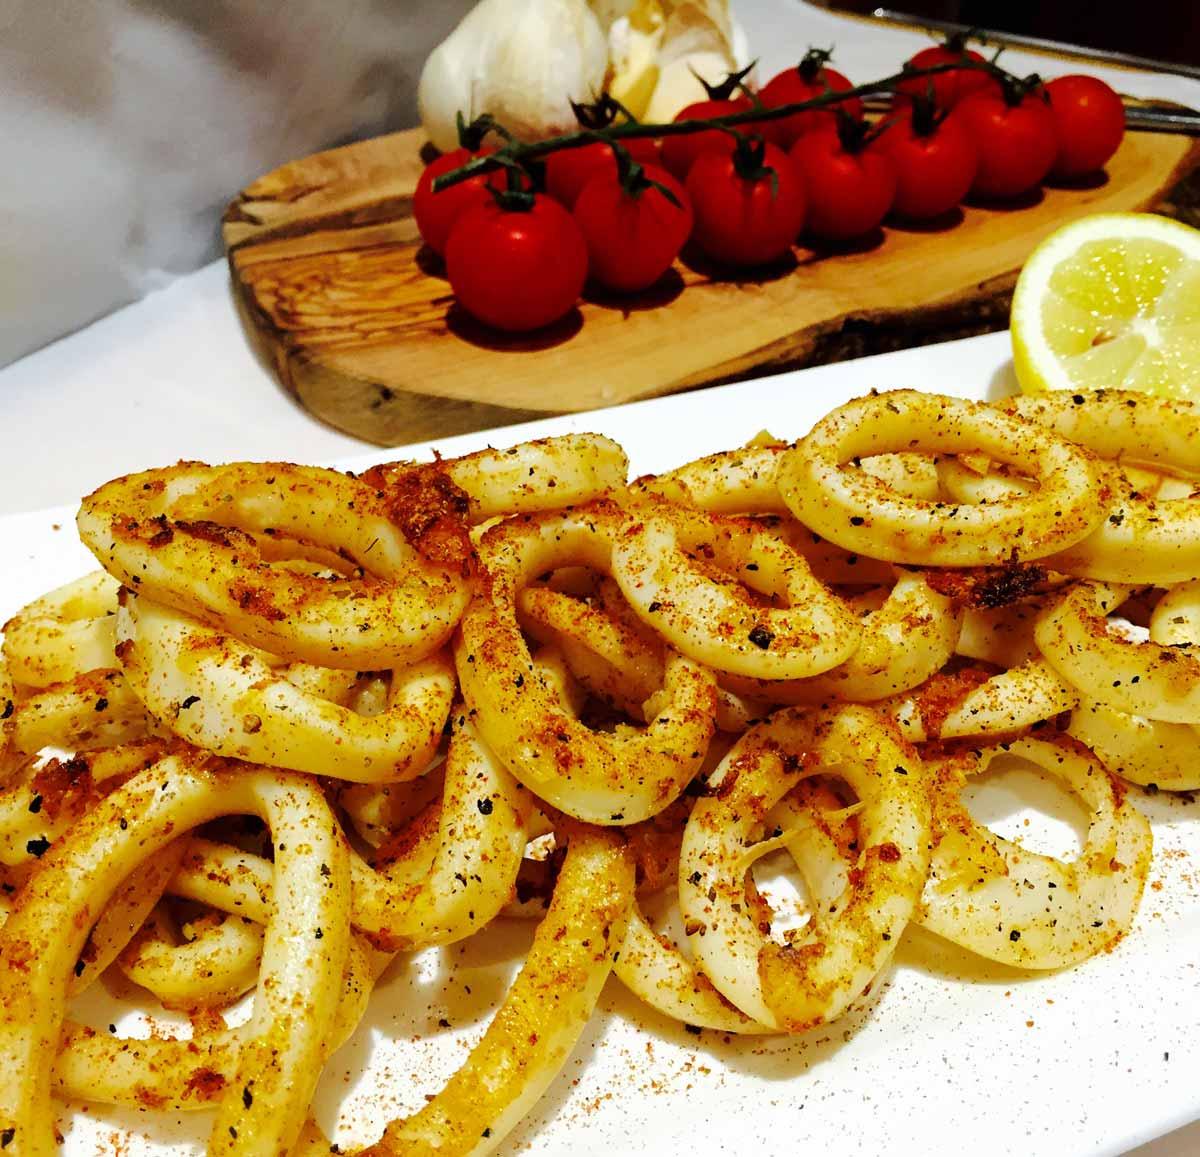 Spicy calamari rings